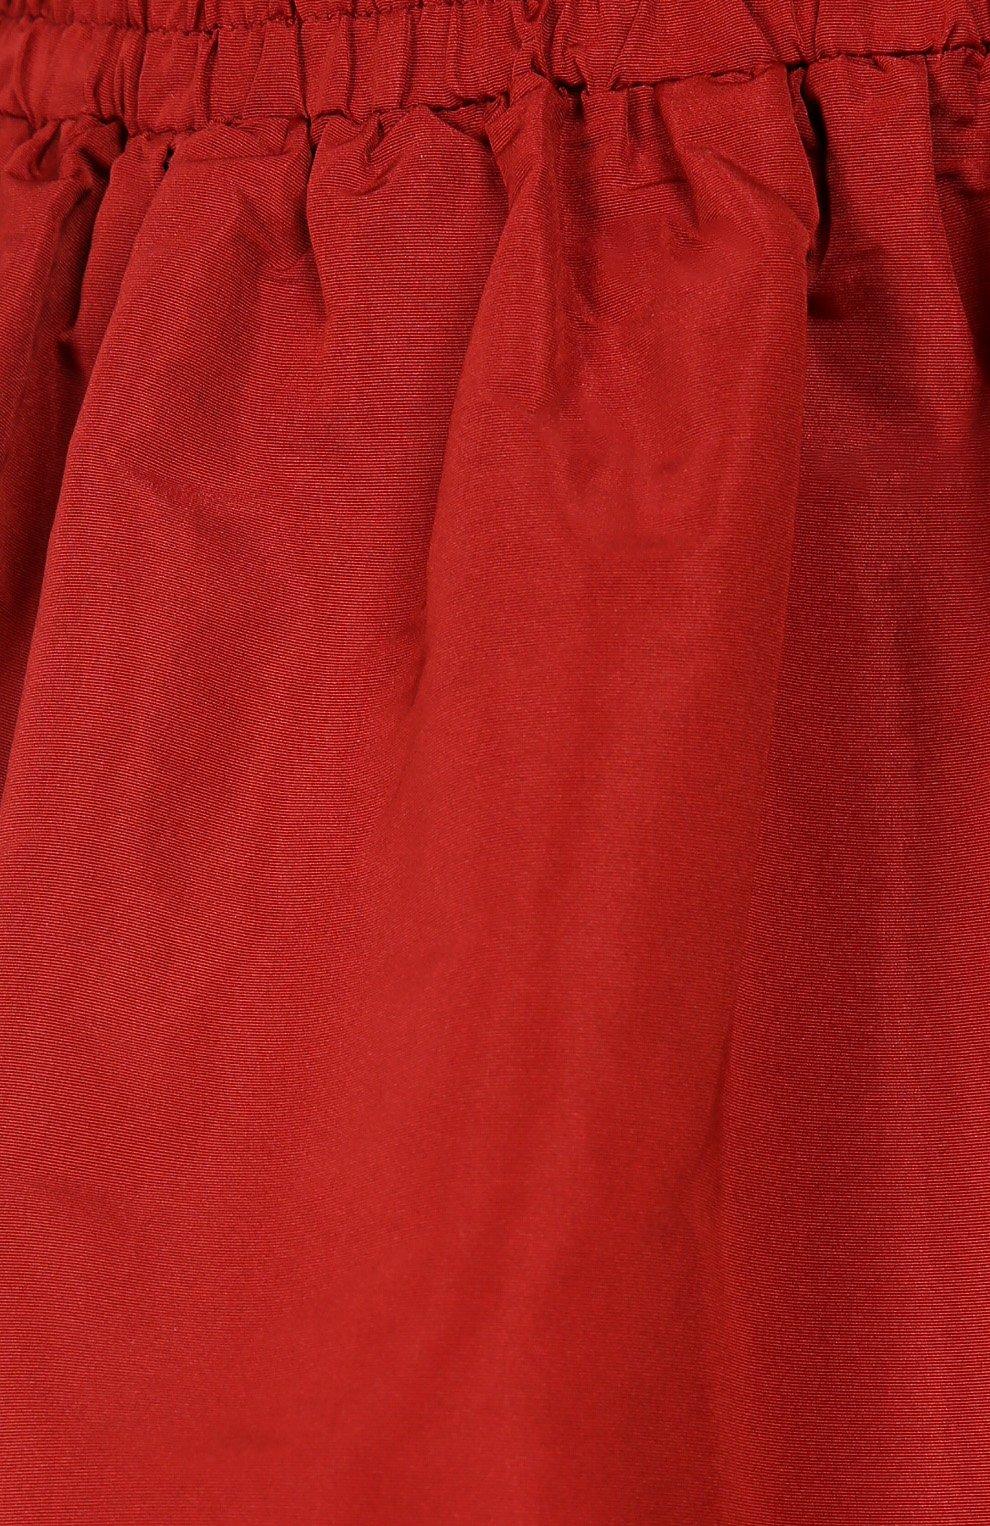 Мини юбка-тюльпан с эластичным поясом REDVALENTINO бордовая | Фото №5